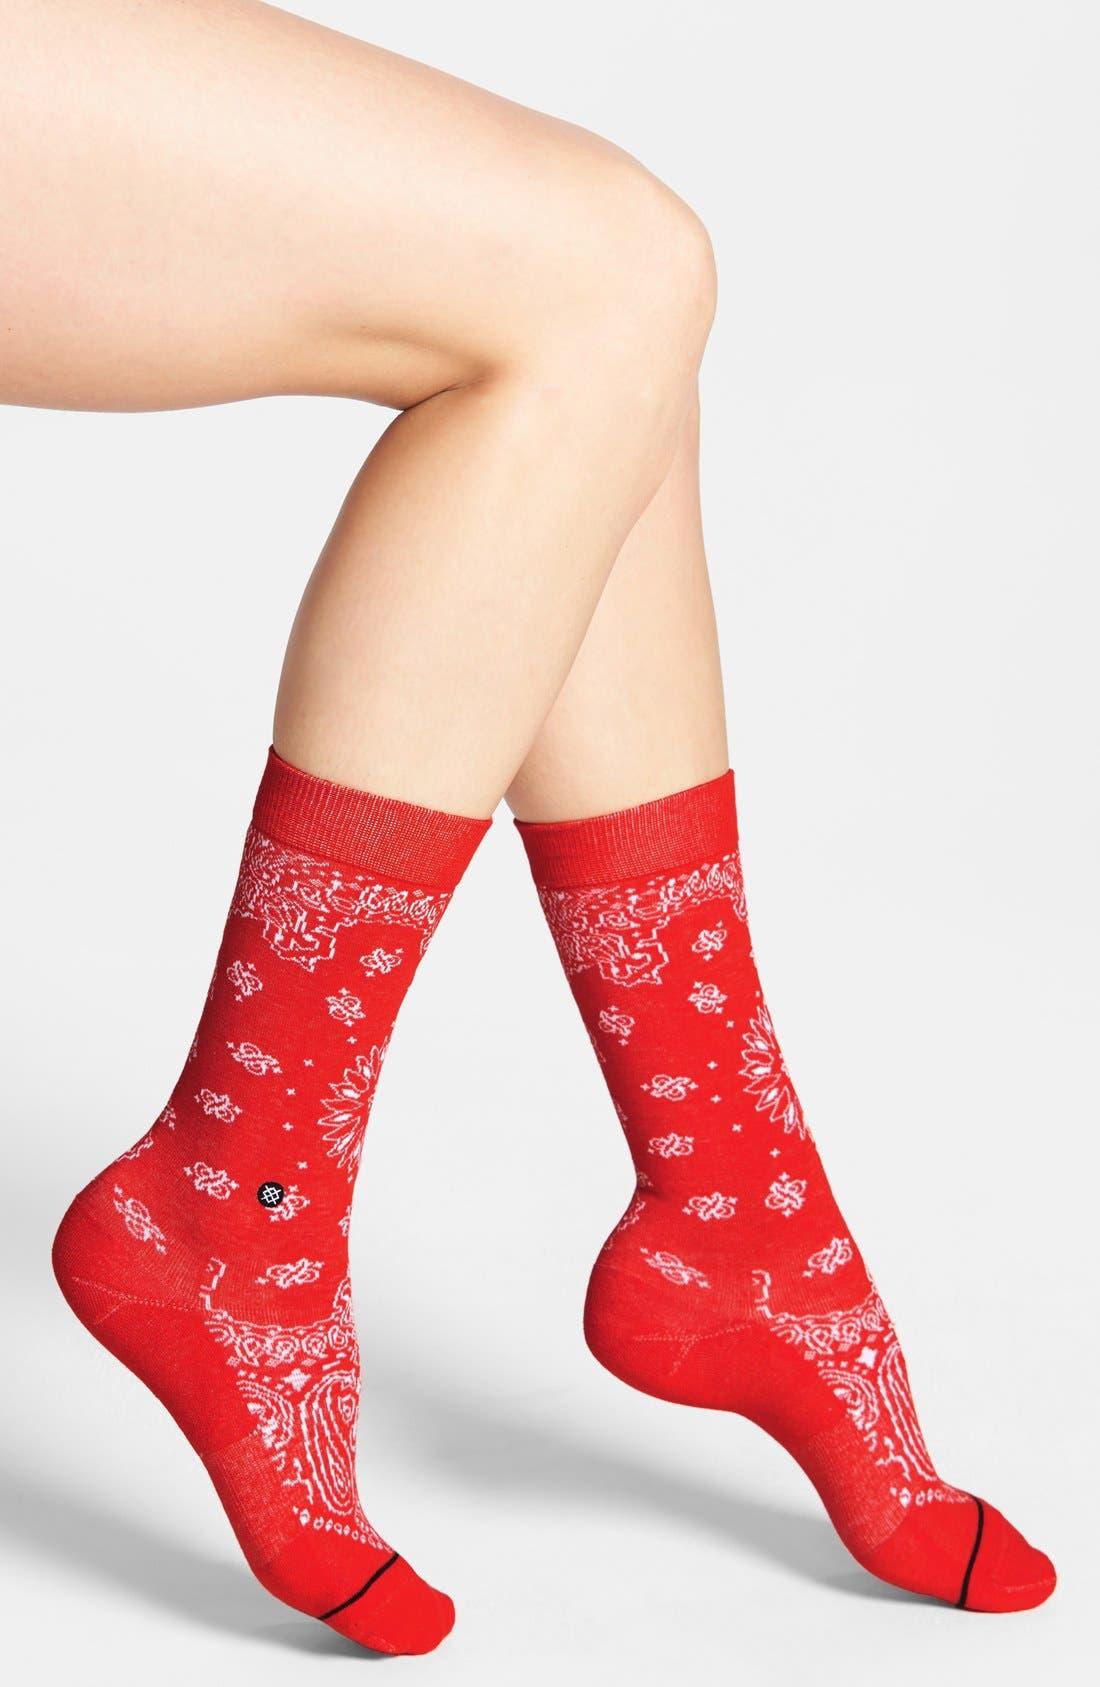 Alternate Image 1 Selected - Stance 'Vata' Socks